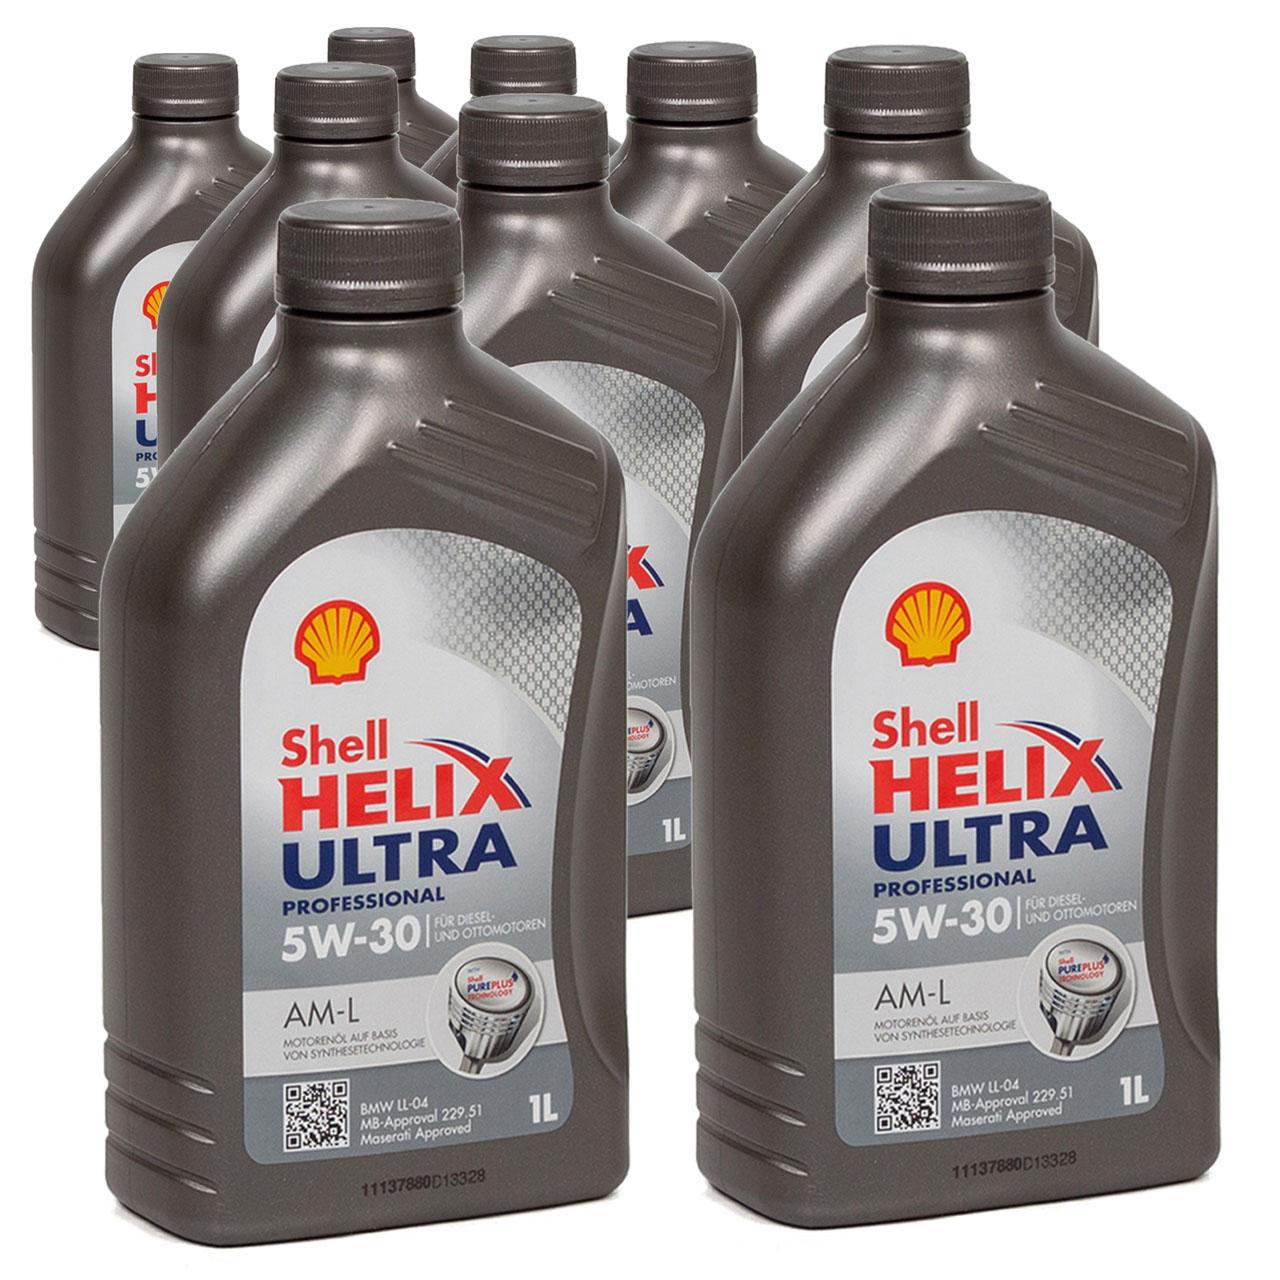 SHELL Motoröl Öl HELIX ULTRA Professional AM-L 5W30 für BMW LL-04 - 9L 9 Liter